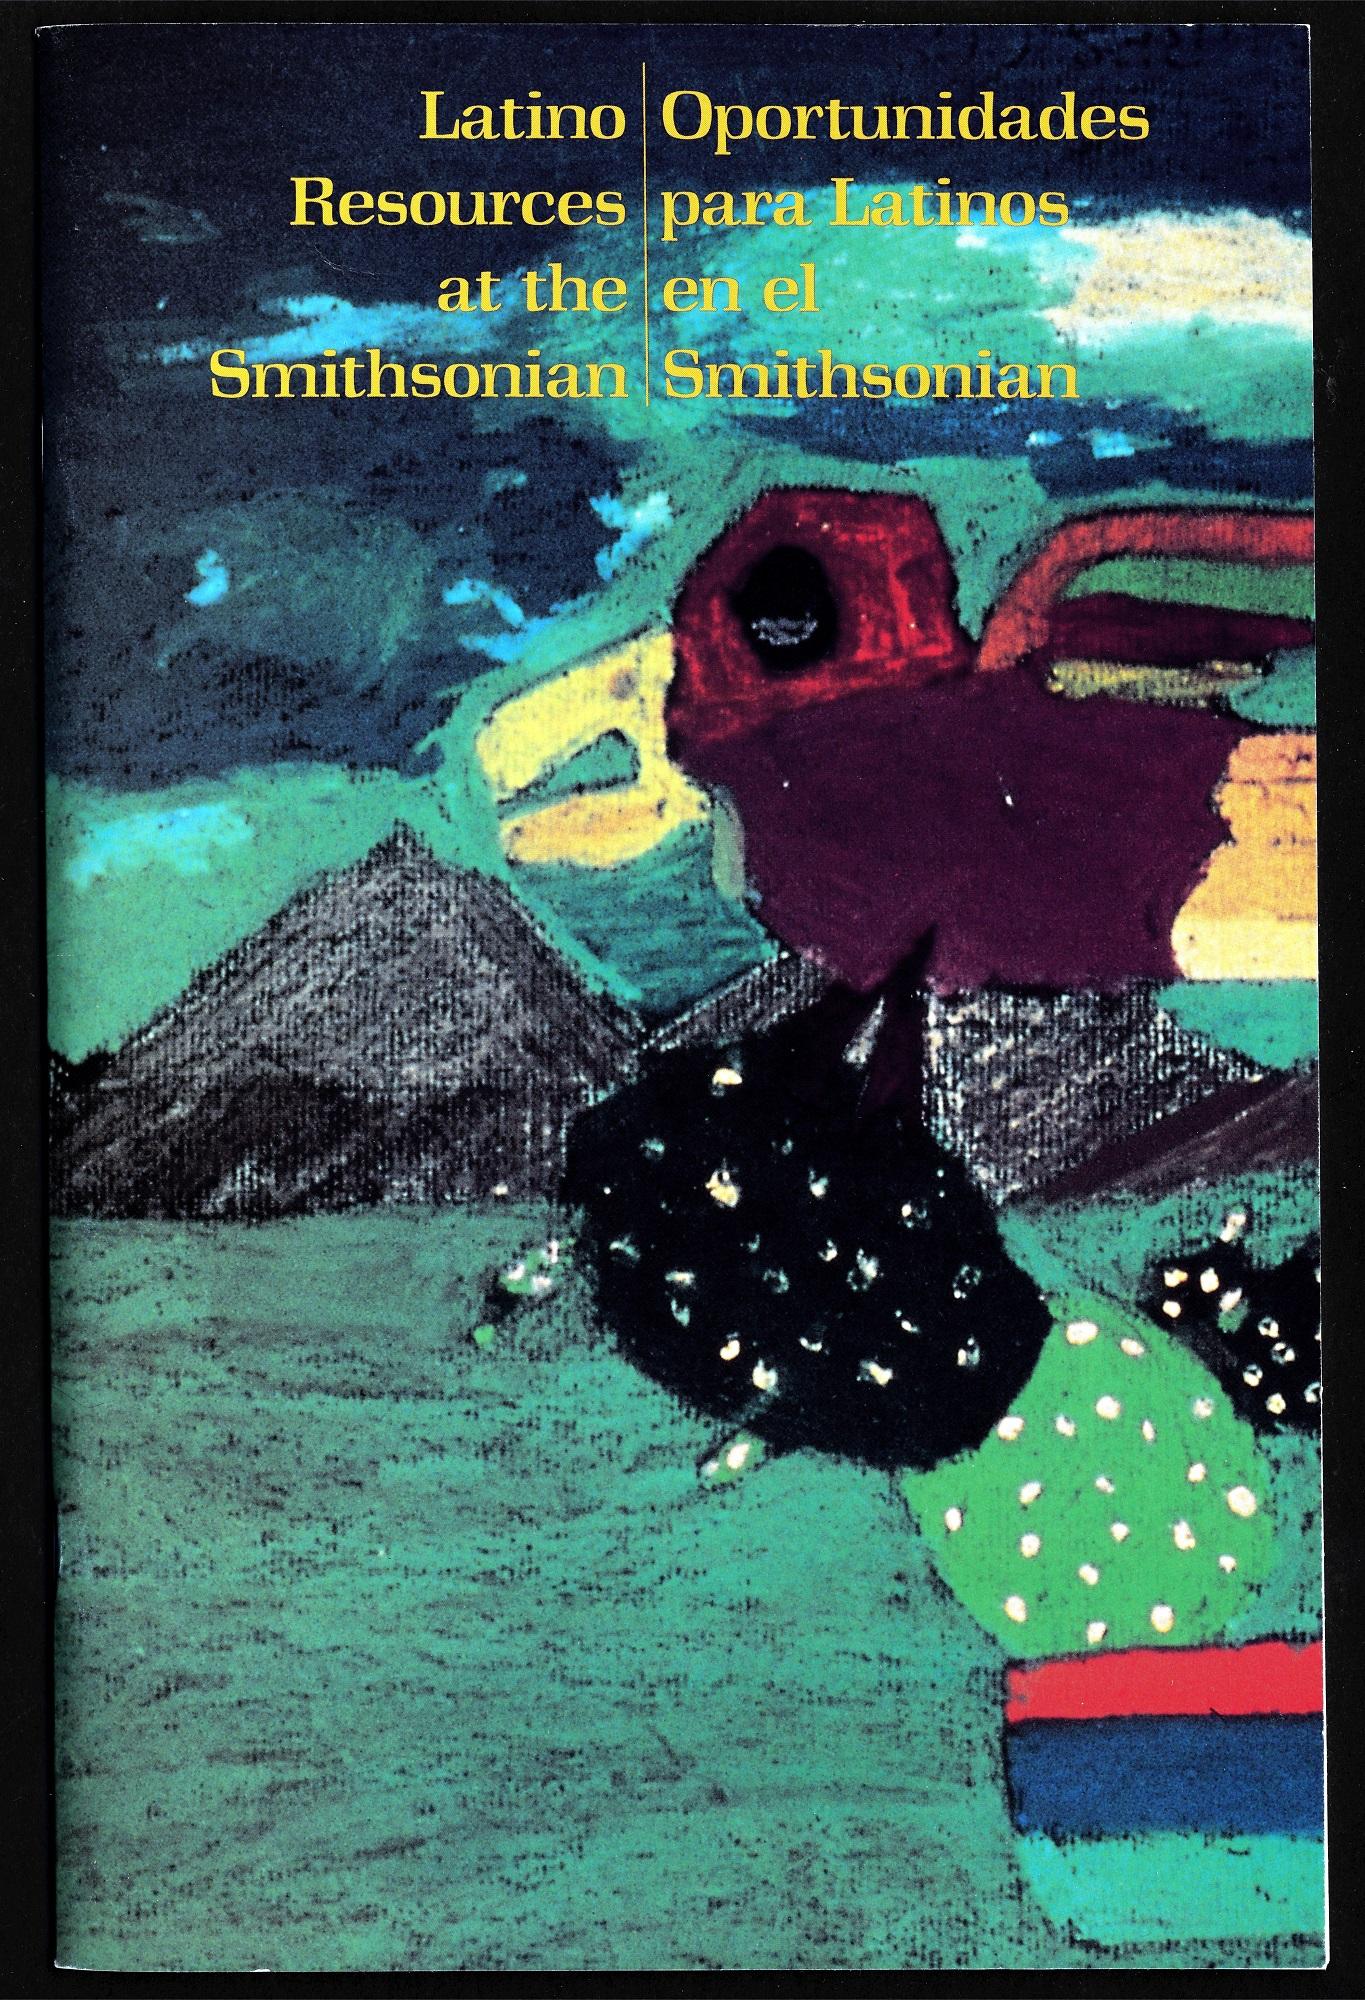 Latino Resources at the Smithsonian | Oportunidades para Latinos en el Smithsonian, brochure.